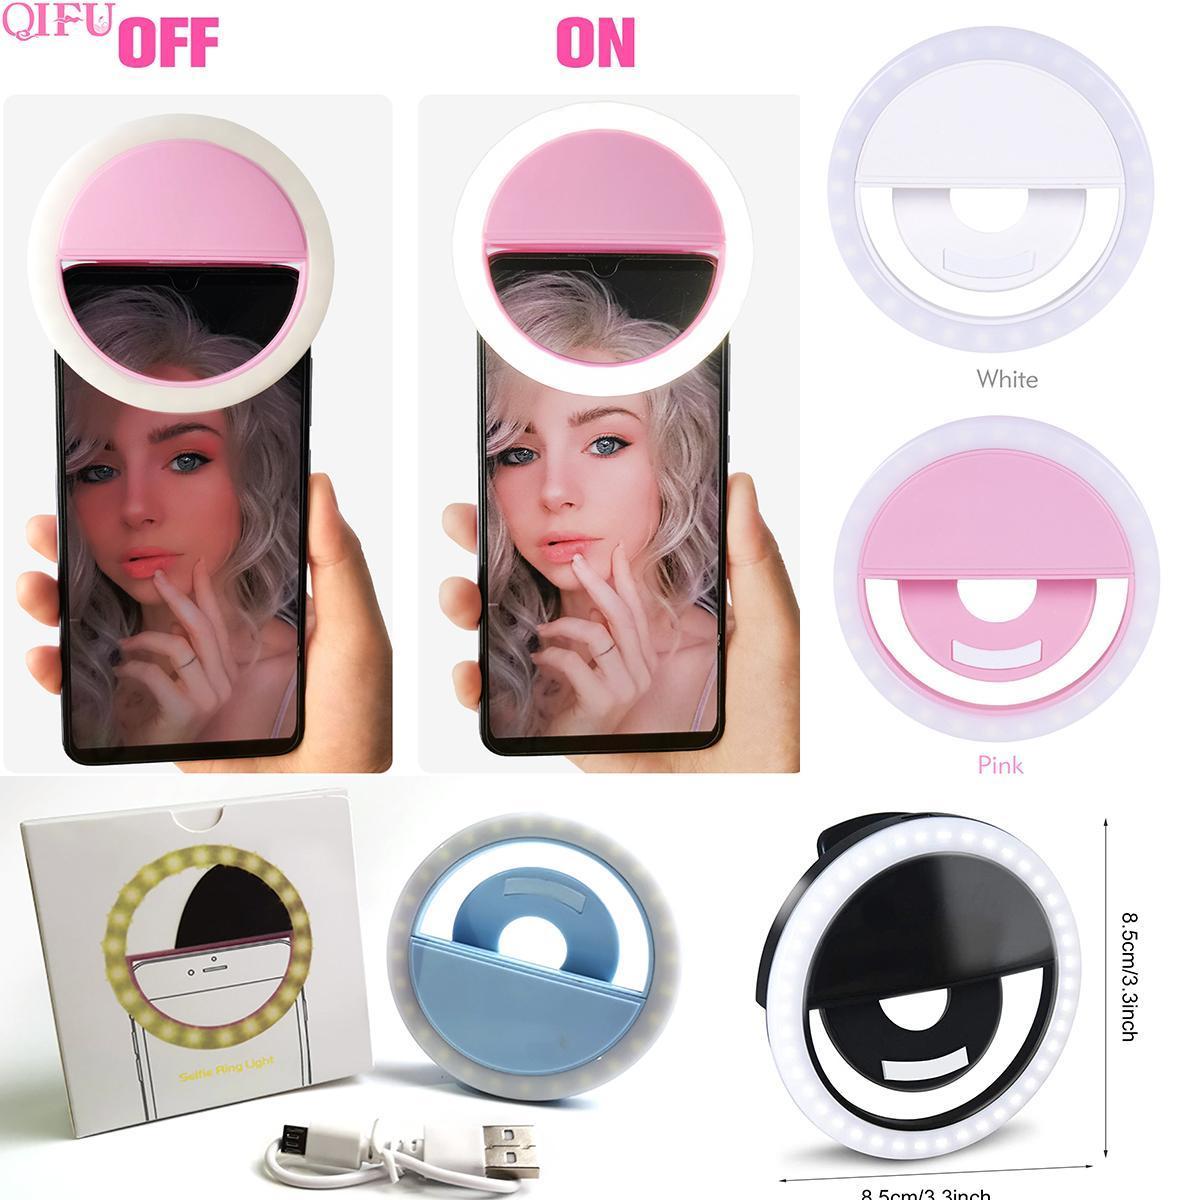 RK12 Luz de anel de selfie recarregável com câmera LED fotografia flash Light up selfie anel luminoso com cabo USB Universal para todos os telefones